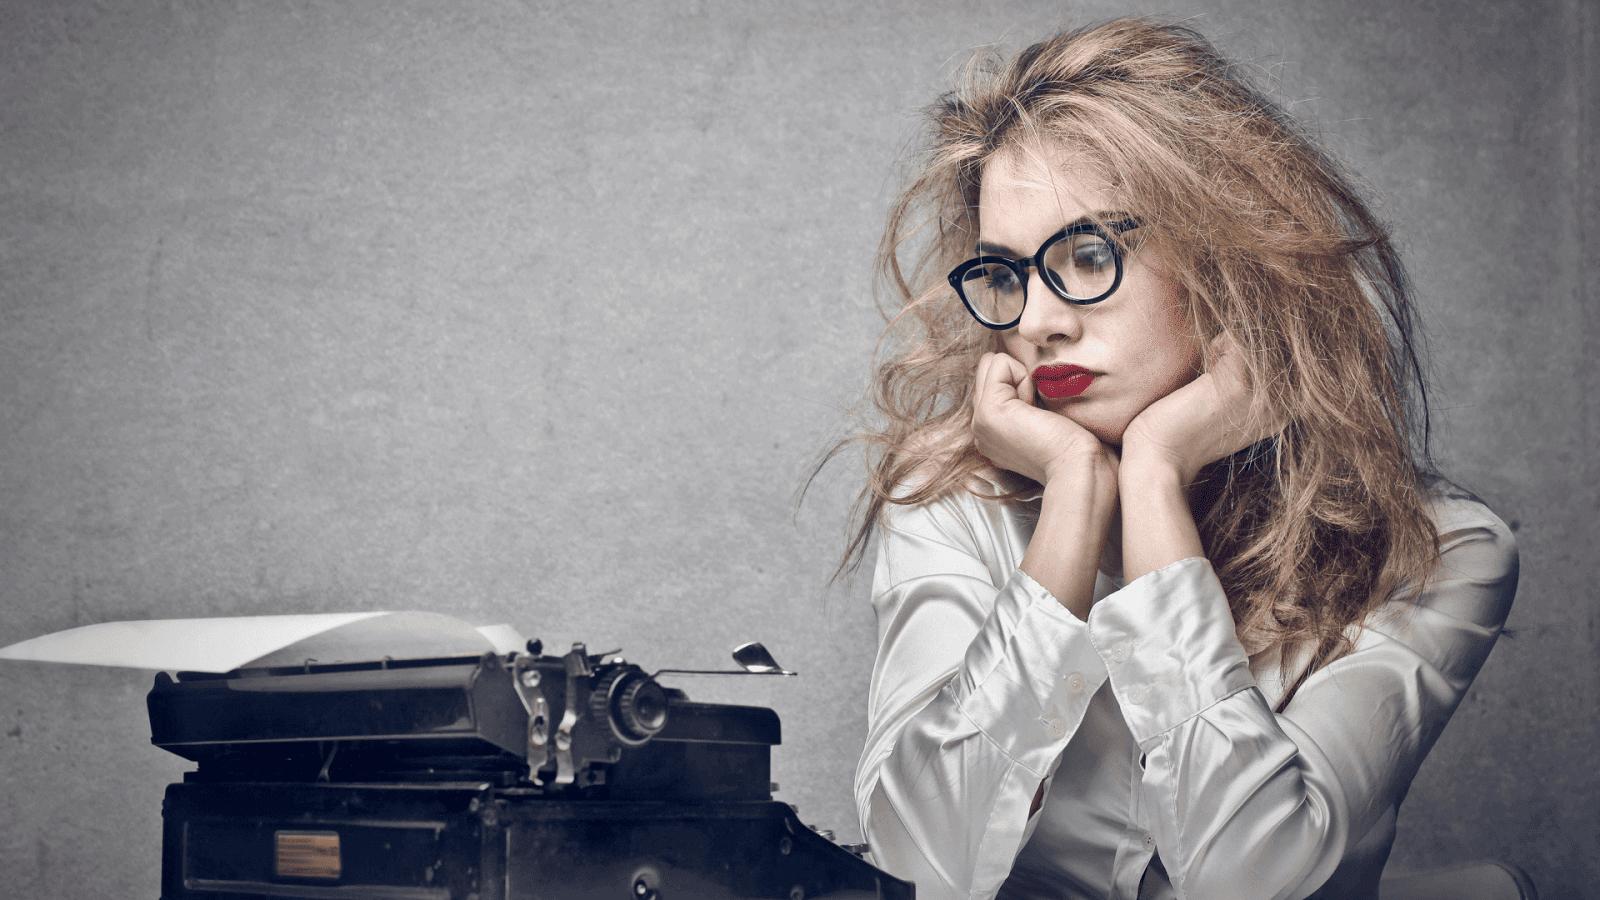 mulher e a máquina de escrever